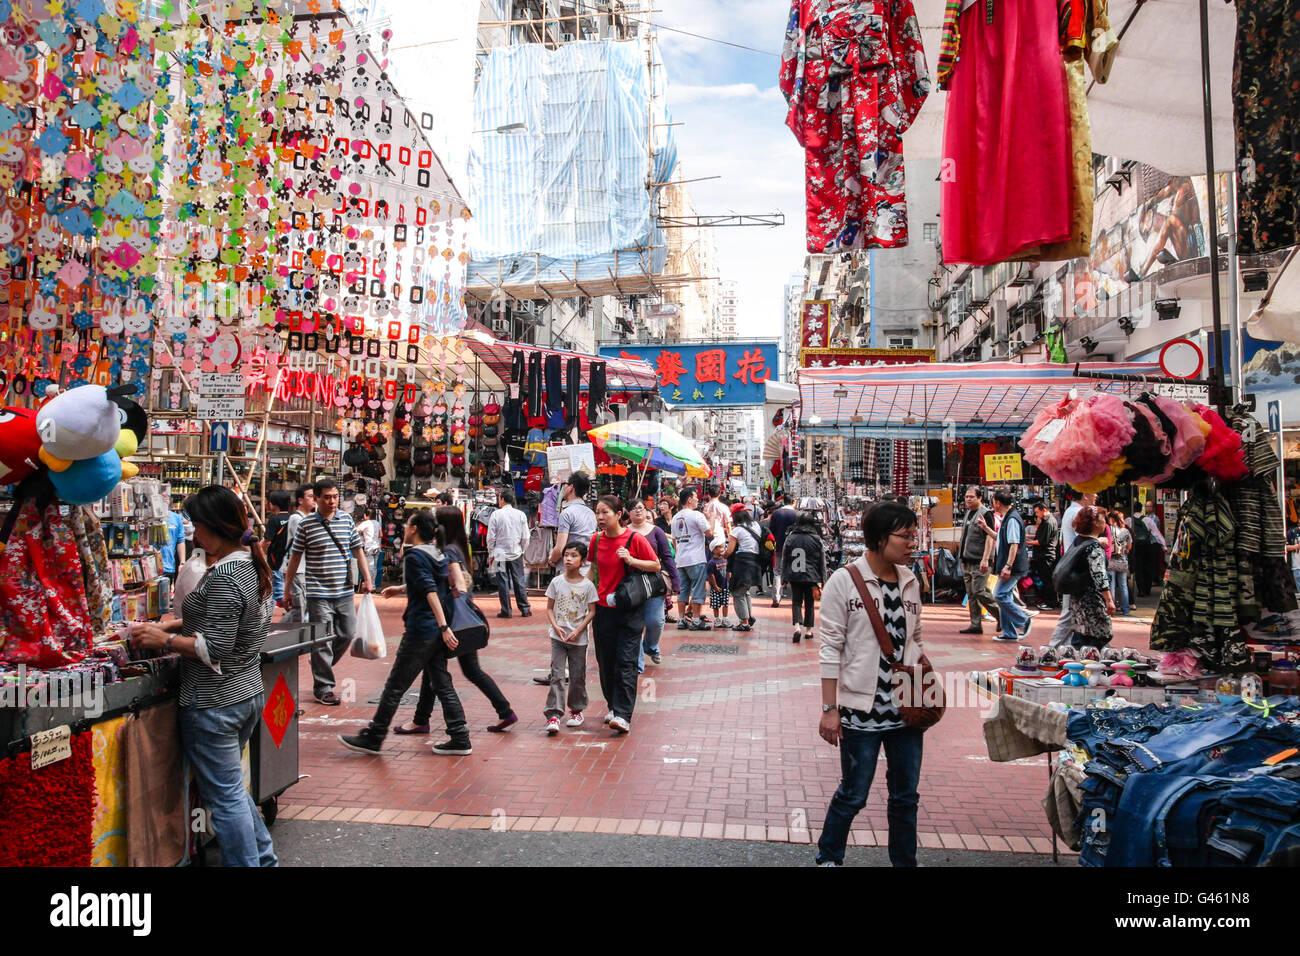 Hong Kong SAR, China - April, 14 2011: Busy shoppers stroll along the Fa Yuen Street market in Mong Kok, Hong Kong. - Stock Image